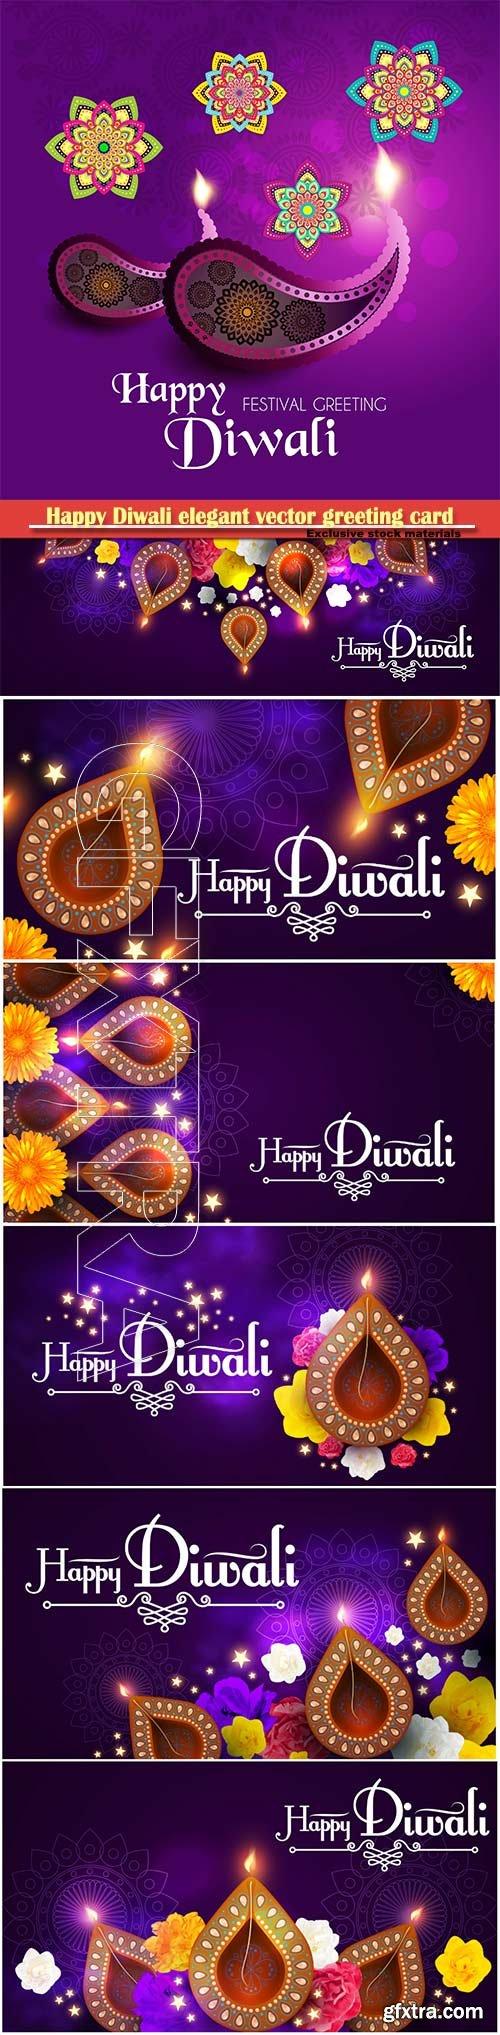 Happy Diwali elegant vector greeting card design